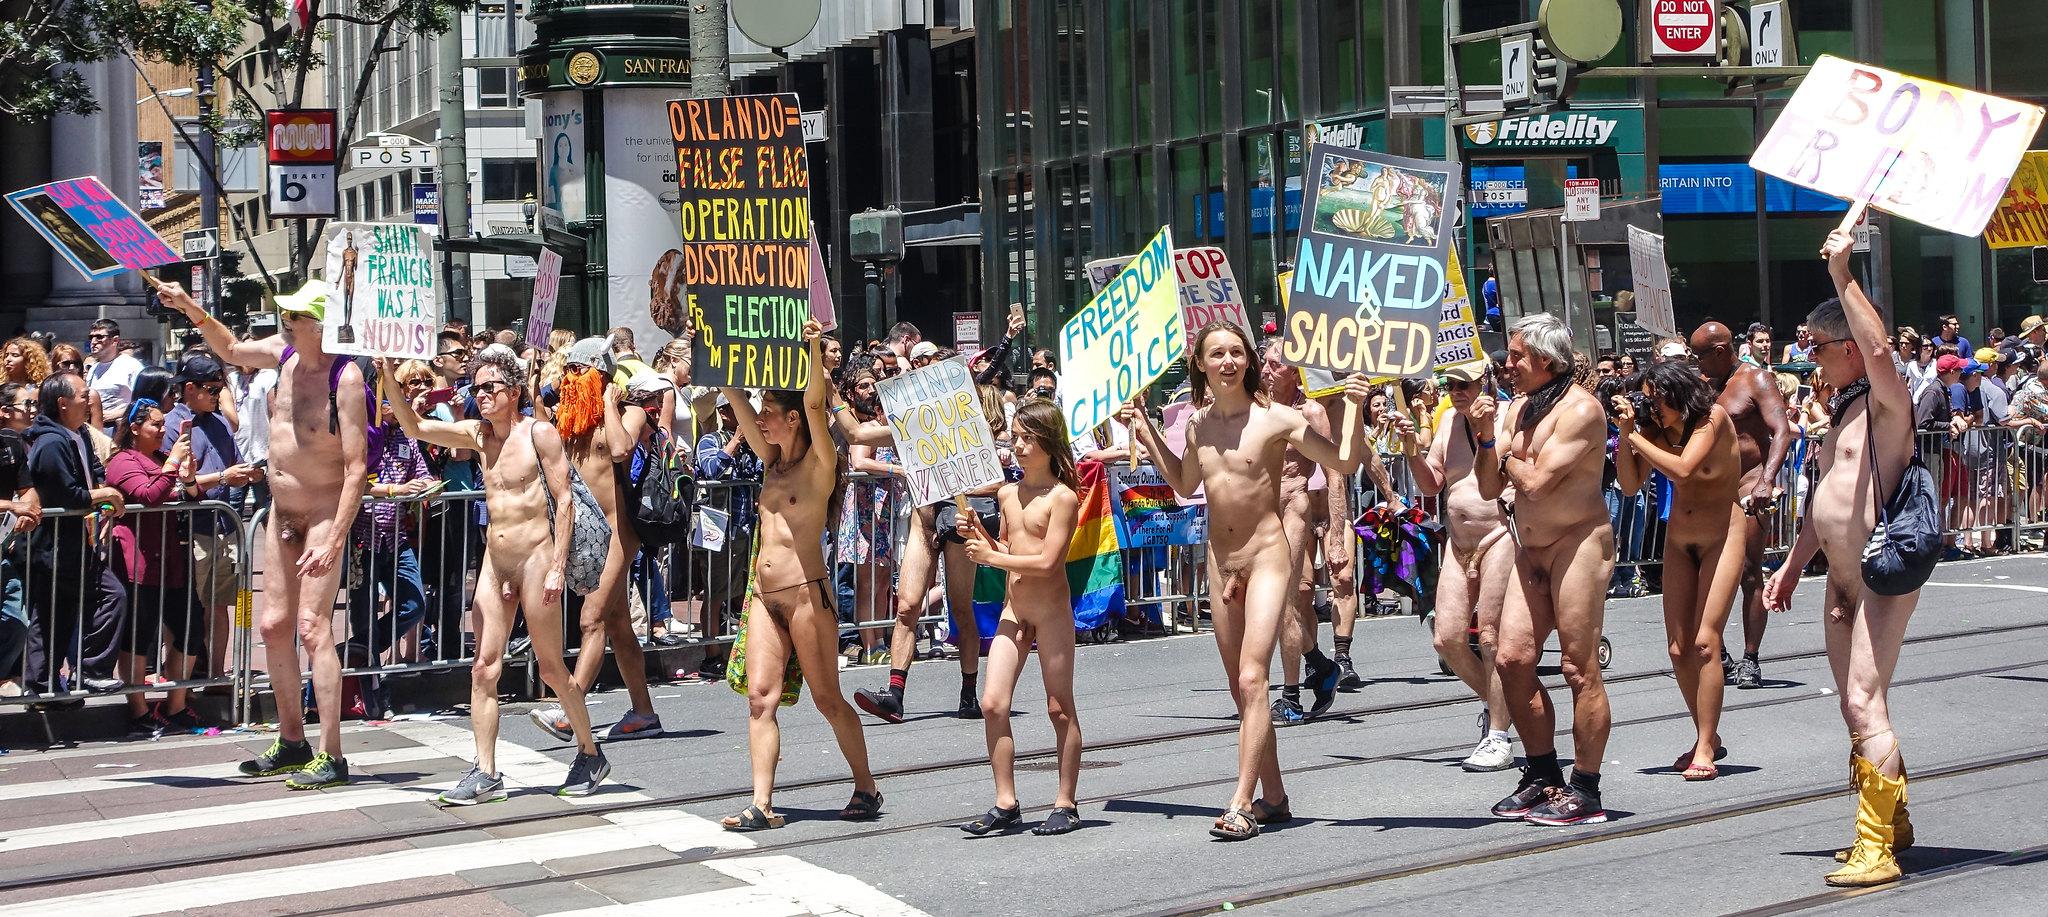 Walking nude in public hot porn